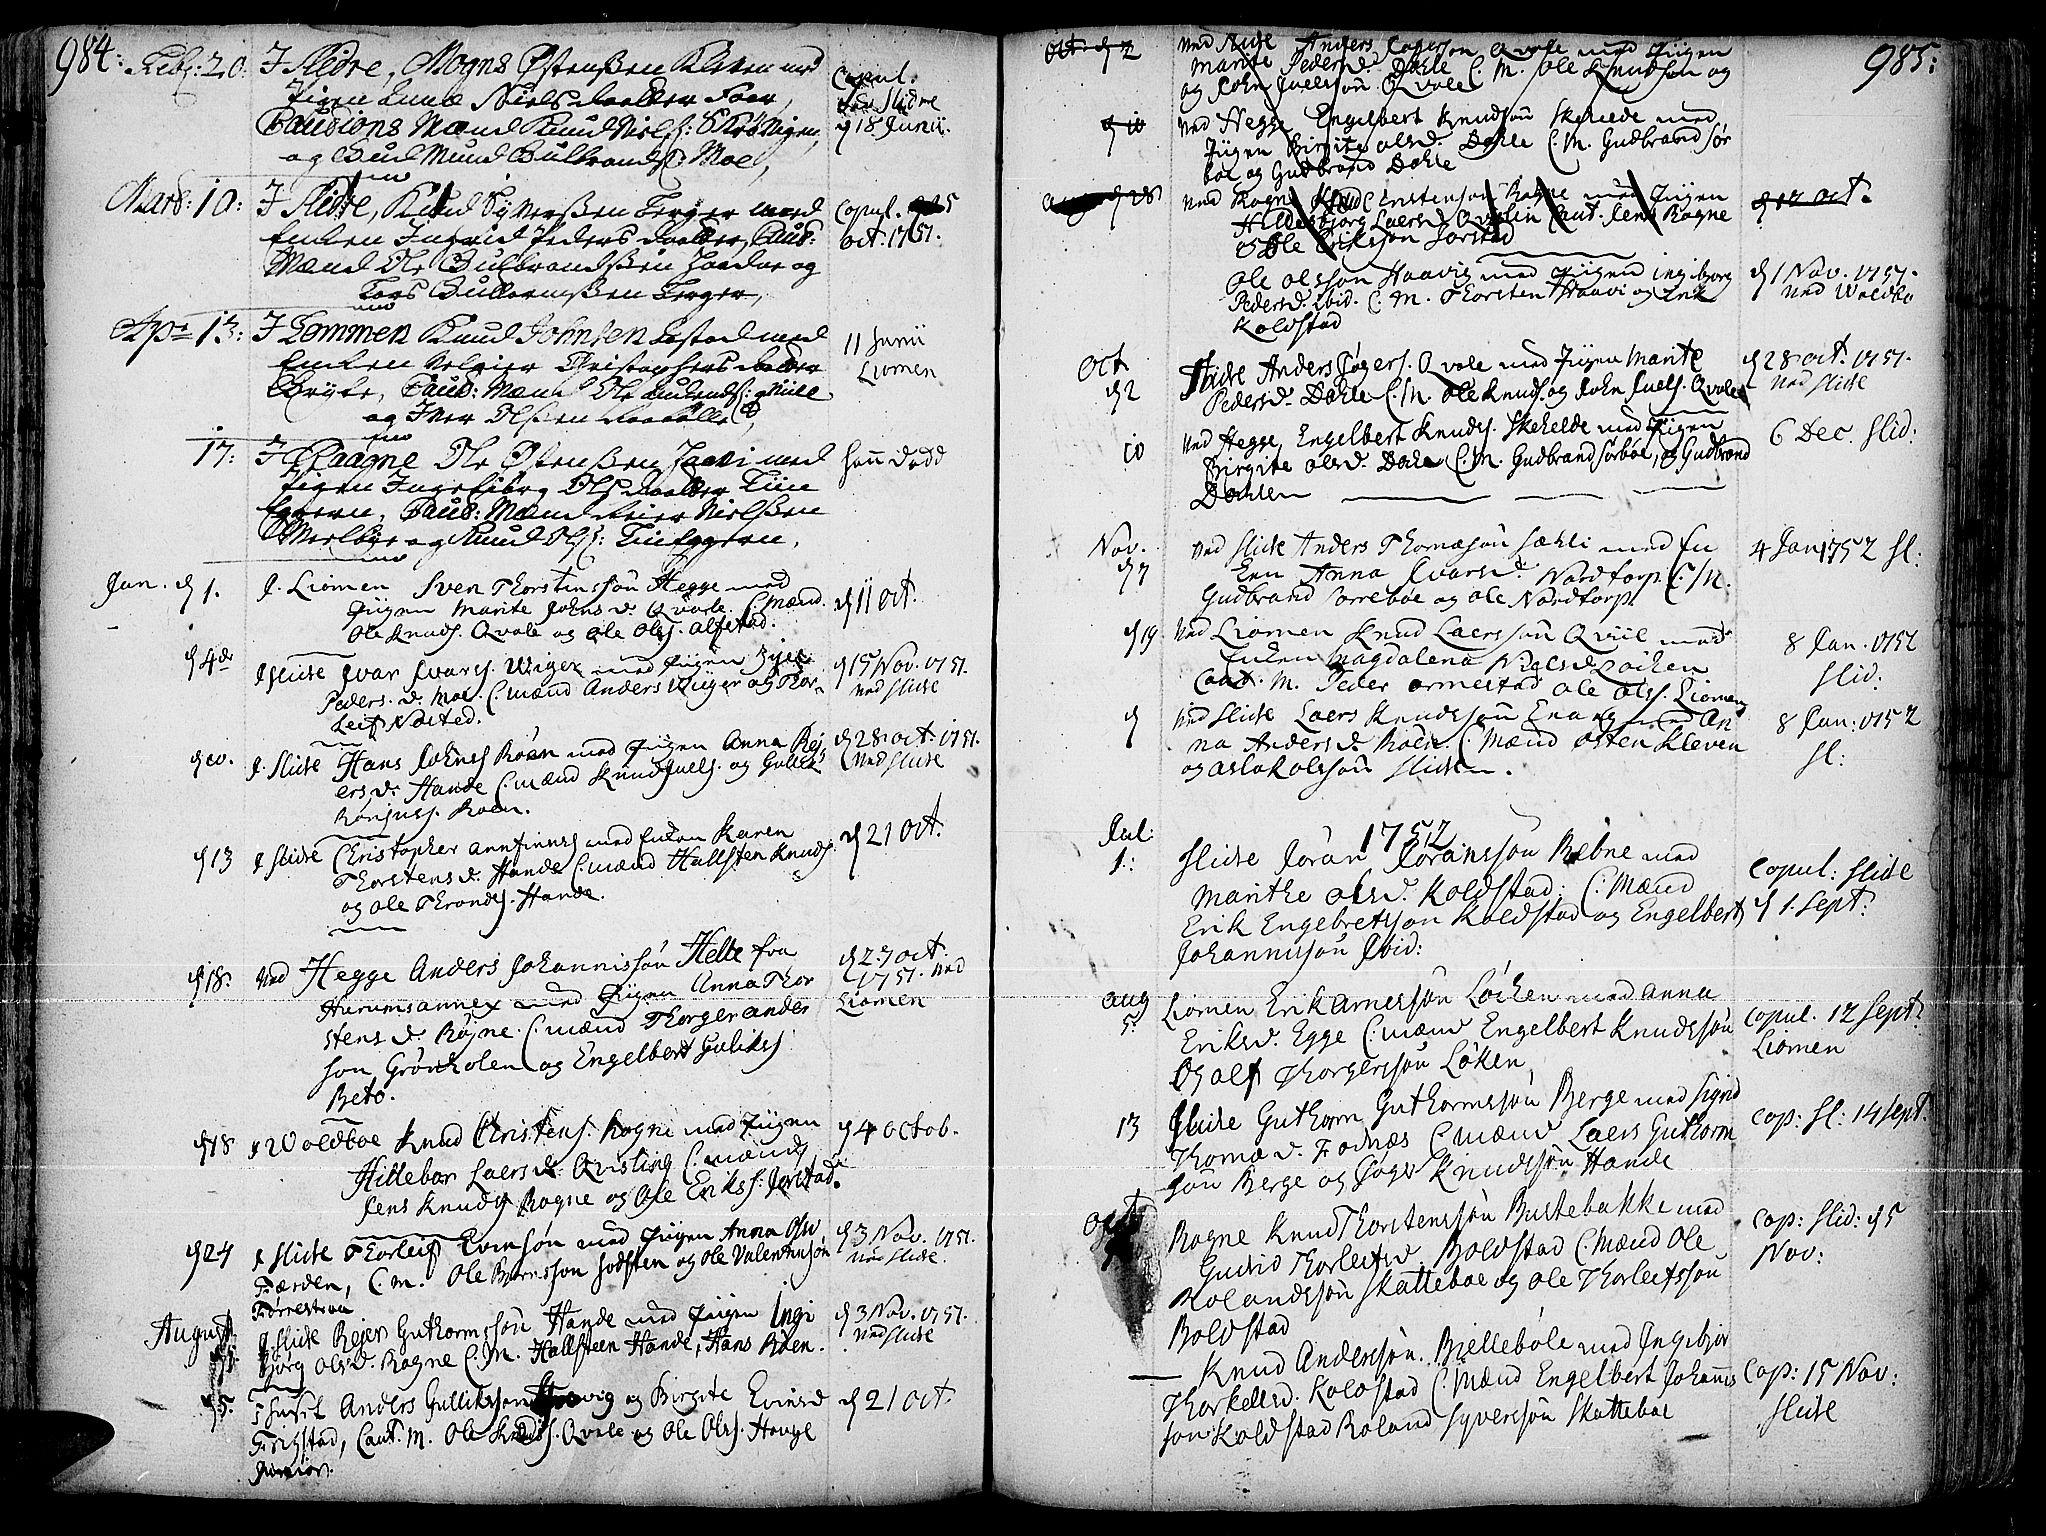 SAH, Slidre prestekontor, Ministerialbok nr. 1, 1724-1814, s. 984-985